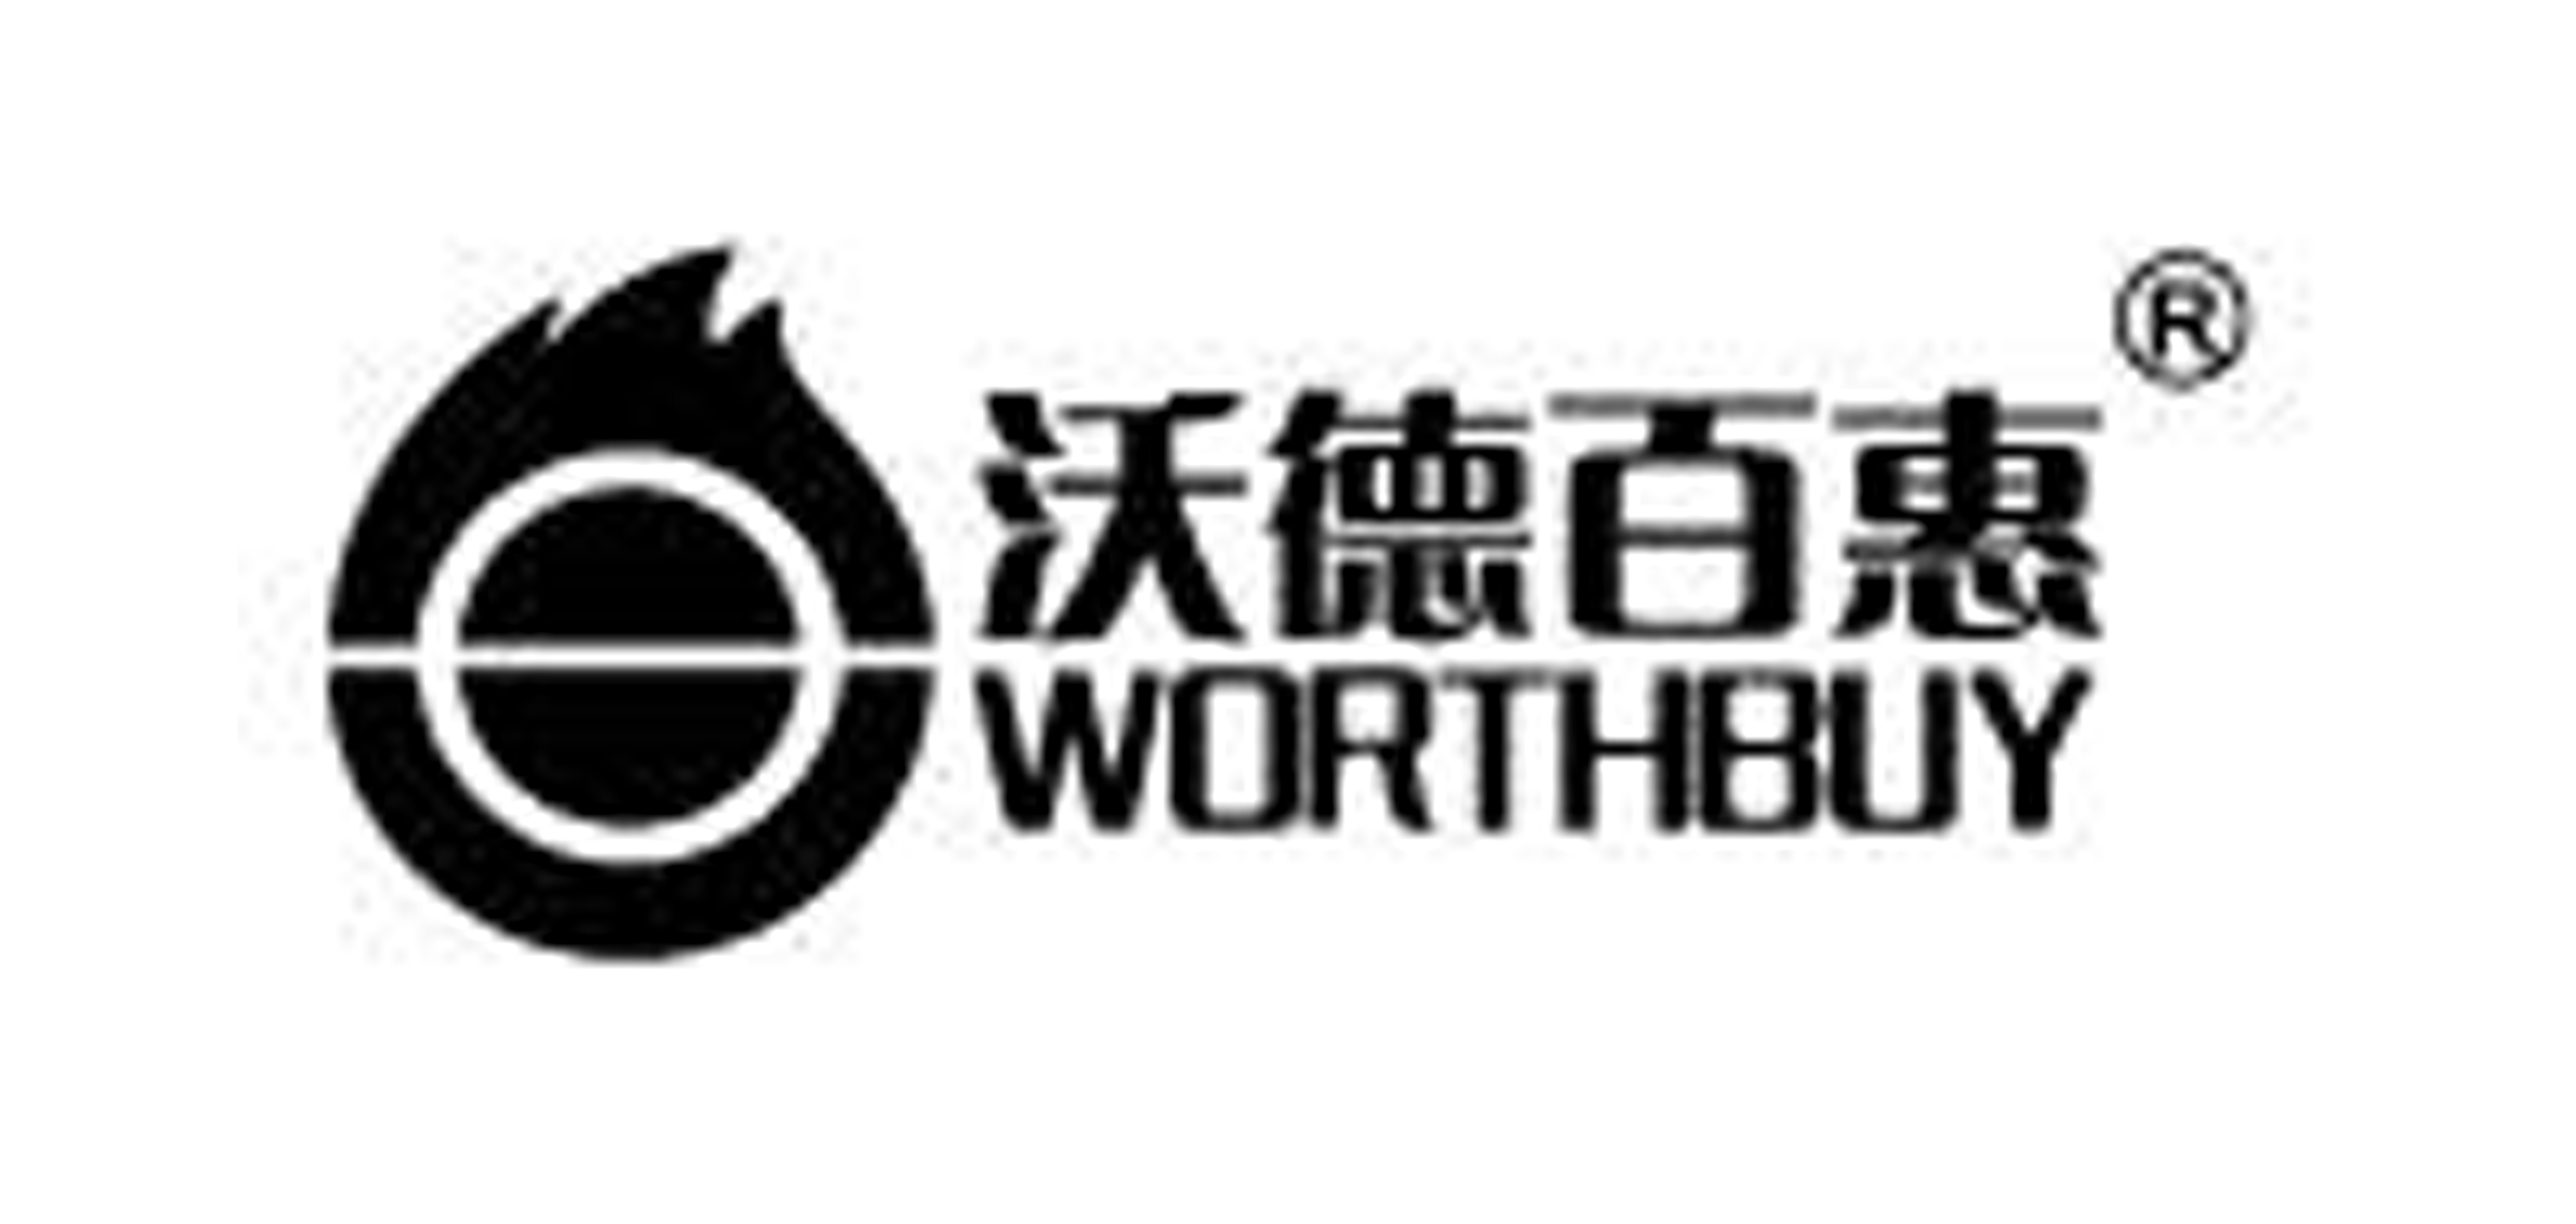 WORTHBUY是什么牌子_沃德百惠品牌怎么样?